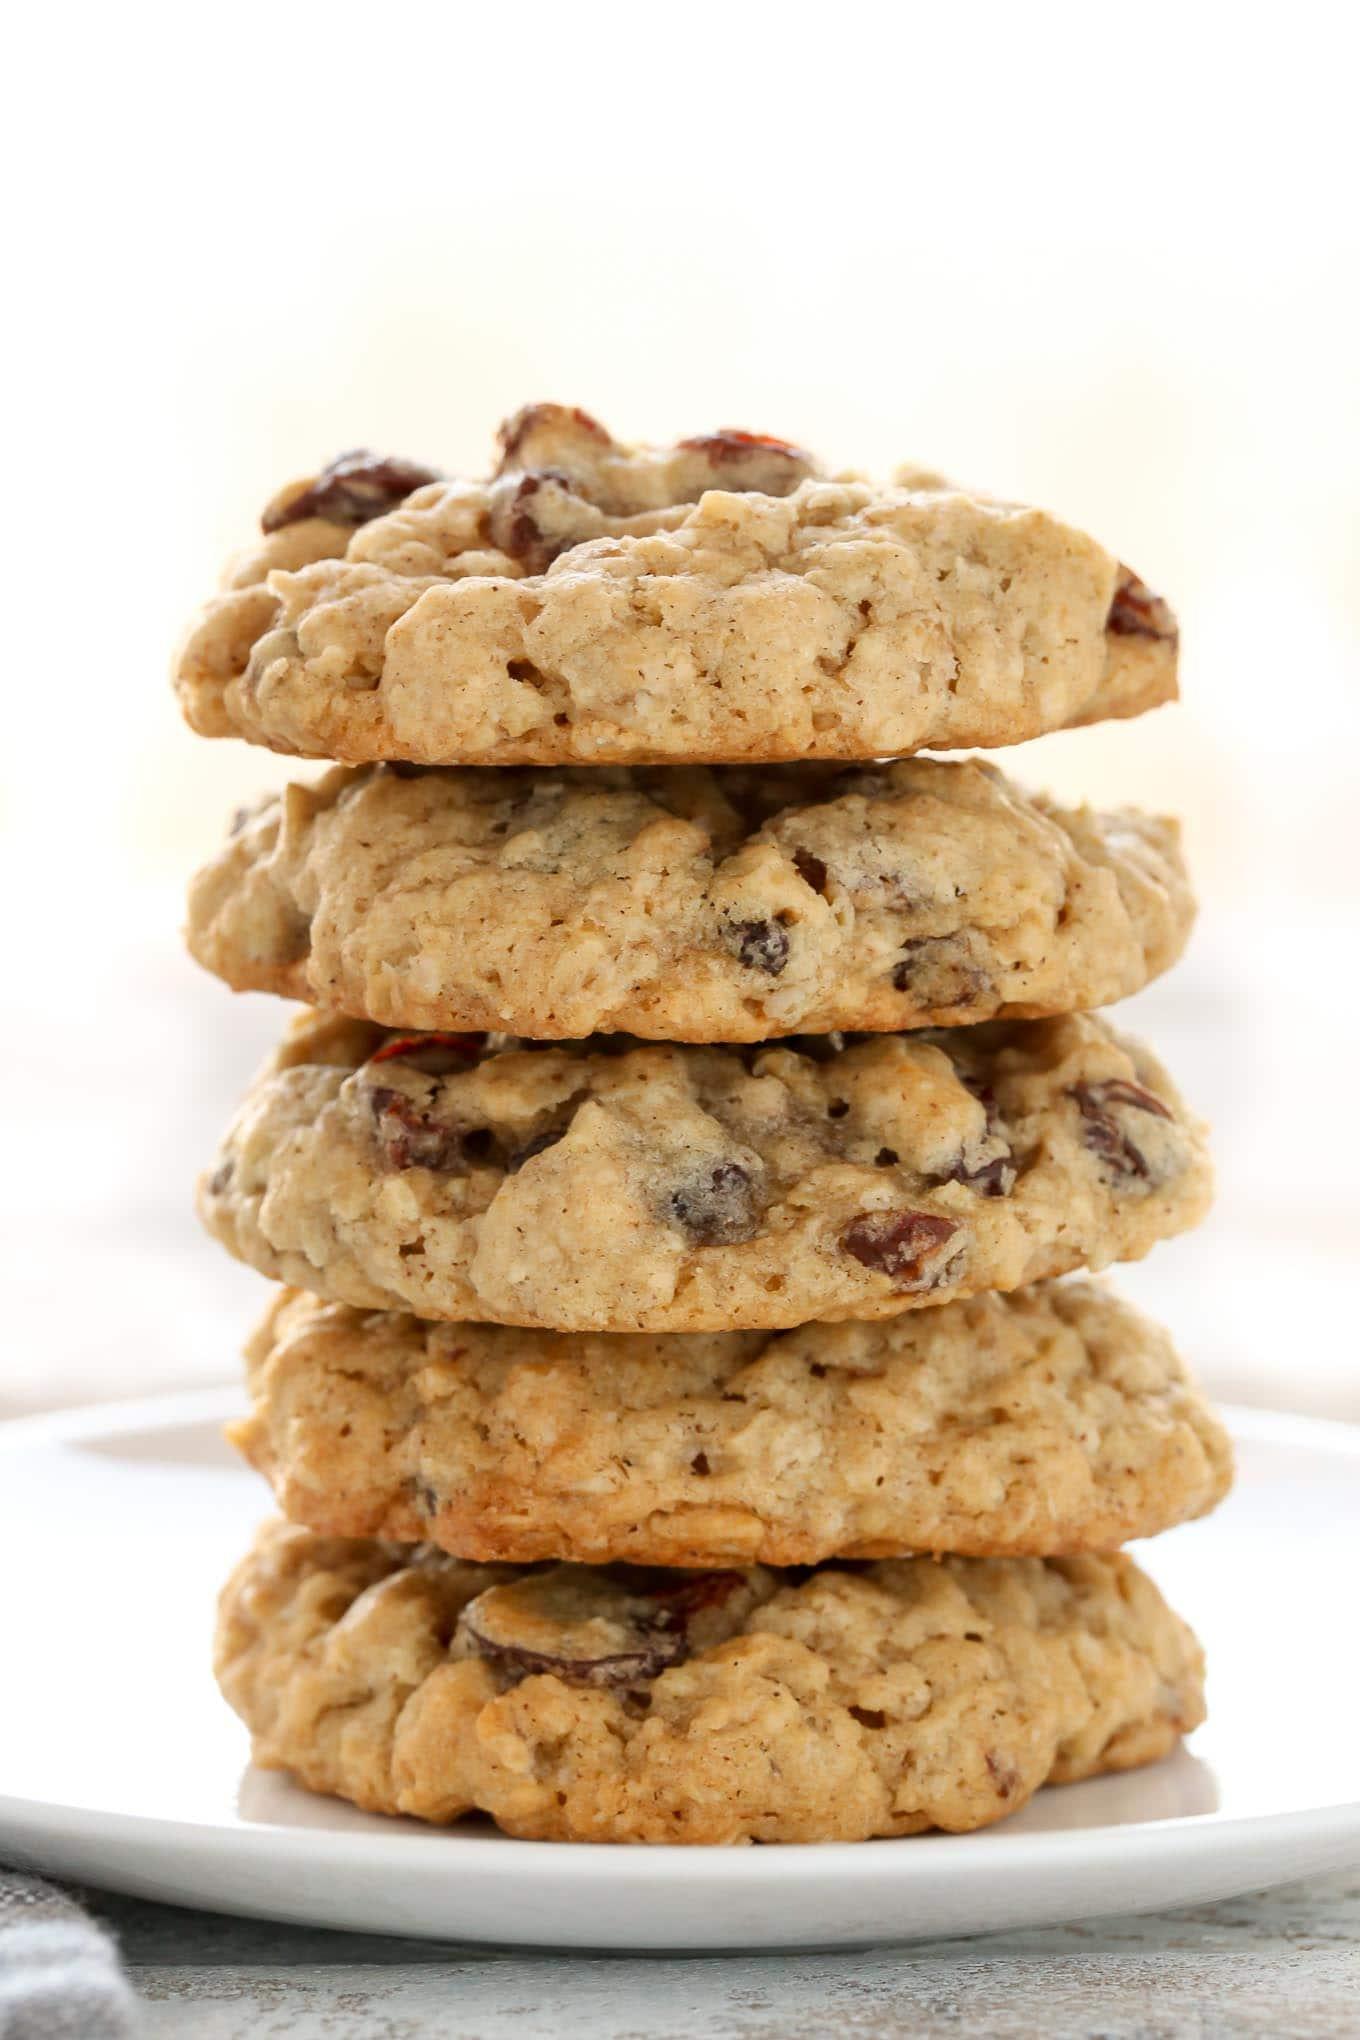 وصفة رائعة لعمل بسكويت الشوفان للدايت Soft-and-Chewy-Oatmeal-Raisin-Cookies-2